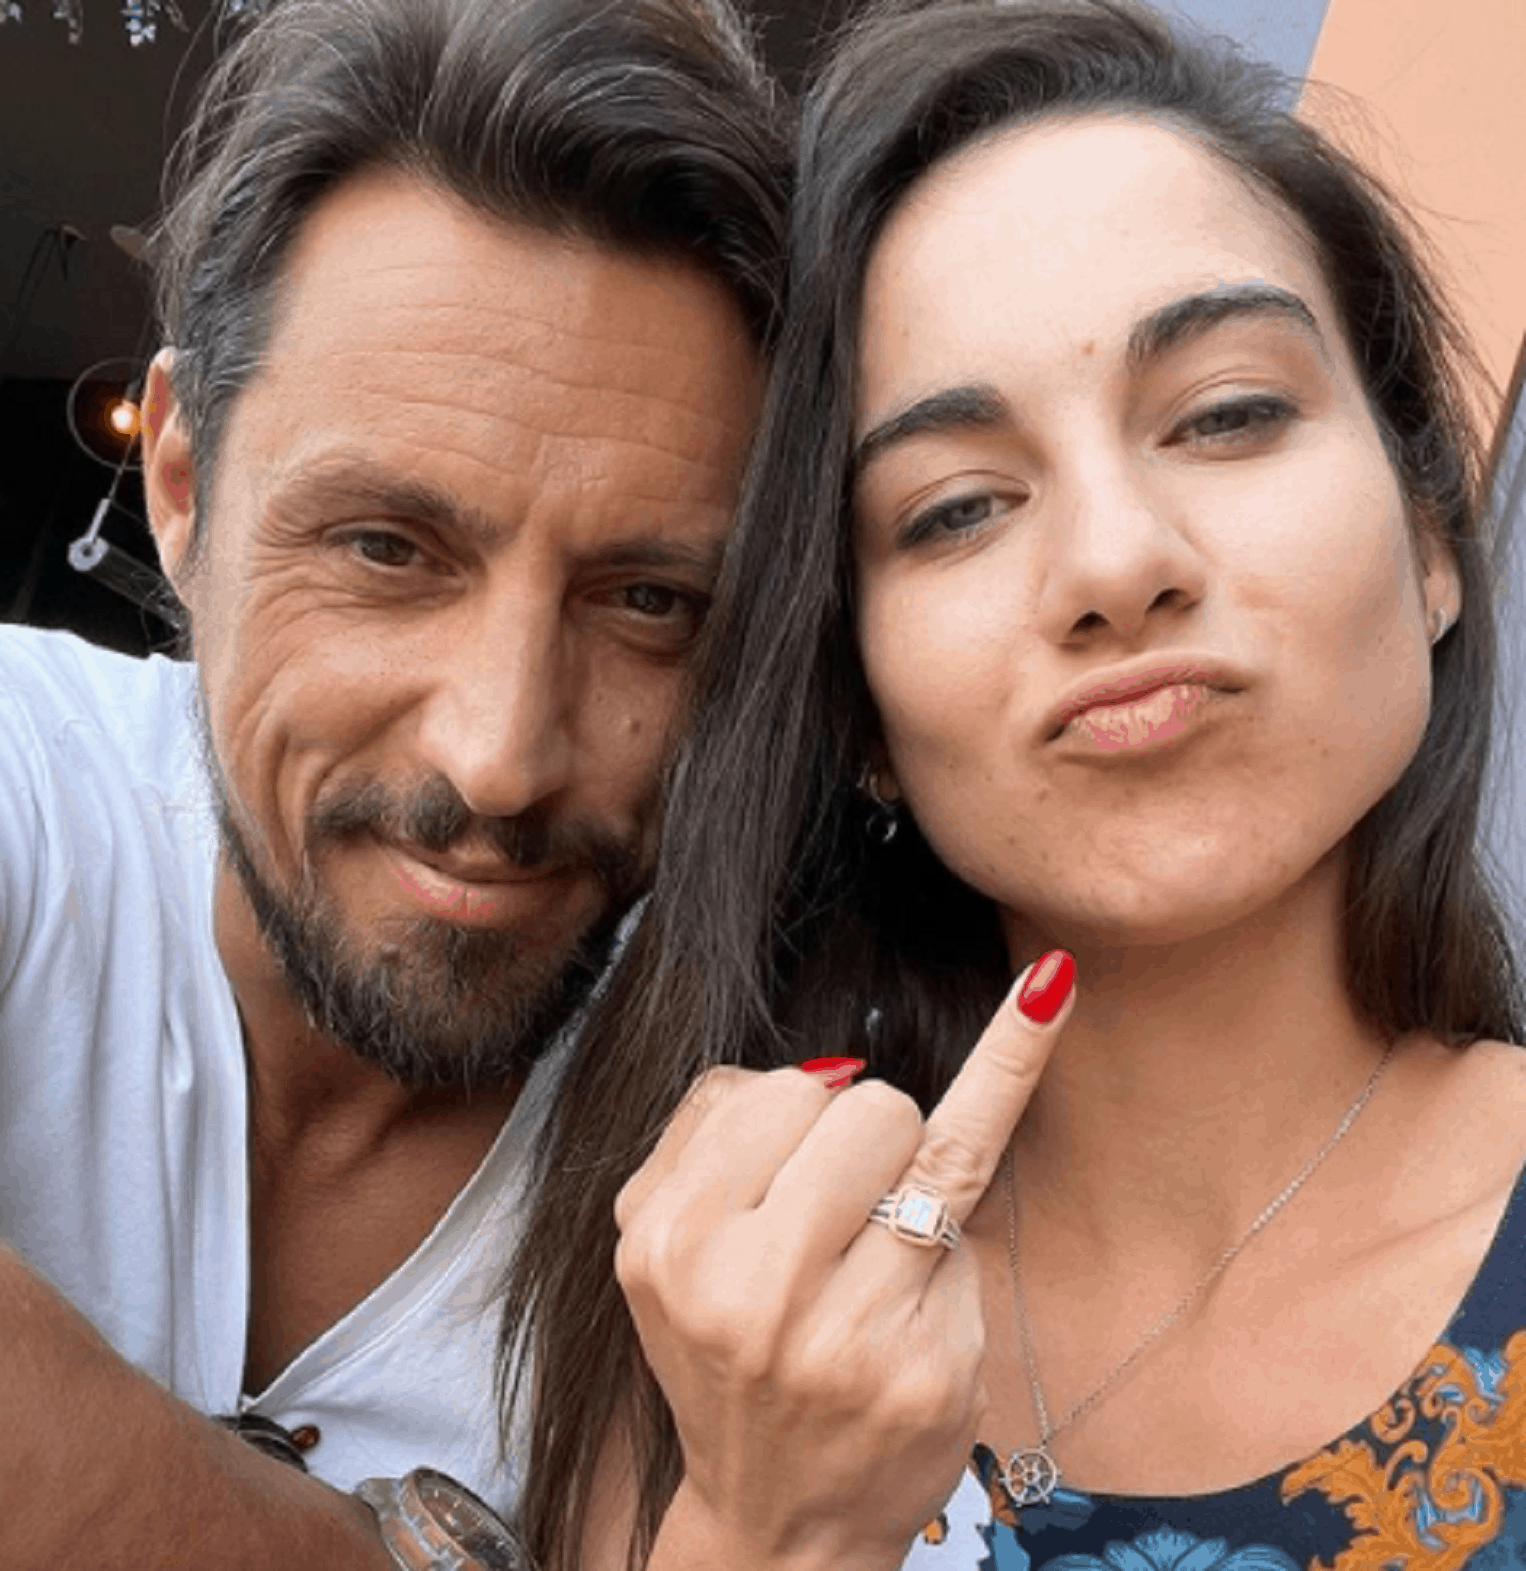 """Daniel Pavel, prezentatorul Survivor România, și-a cerut iubita în căsătorie: """"A decis să-mi poarte inelul"""""""